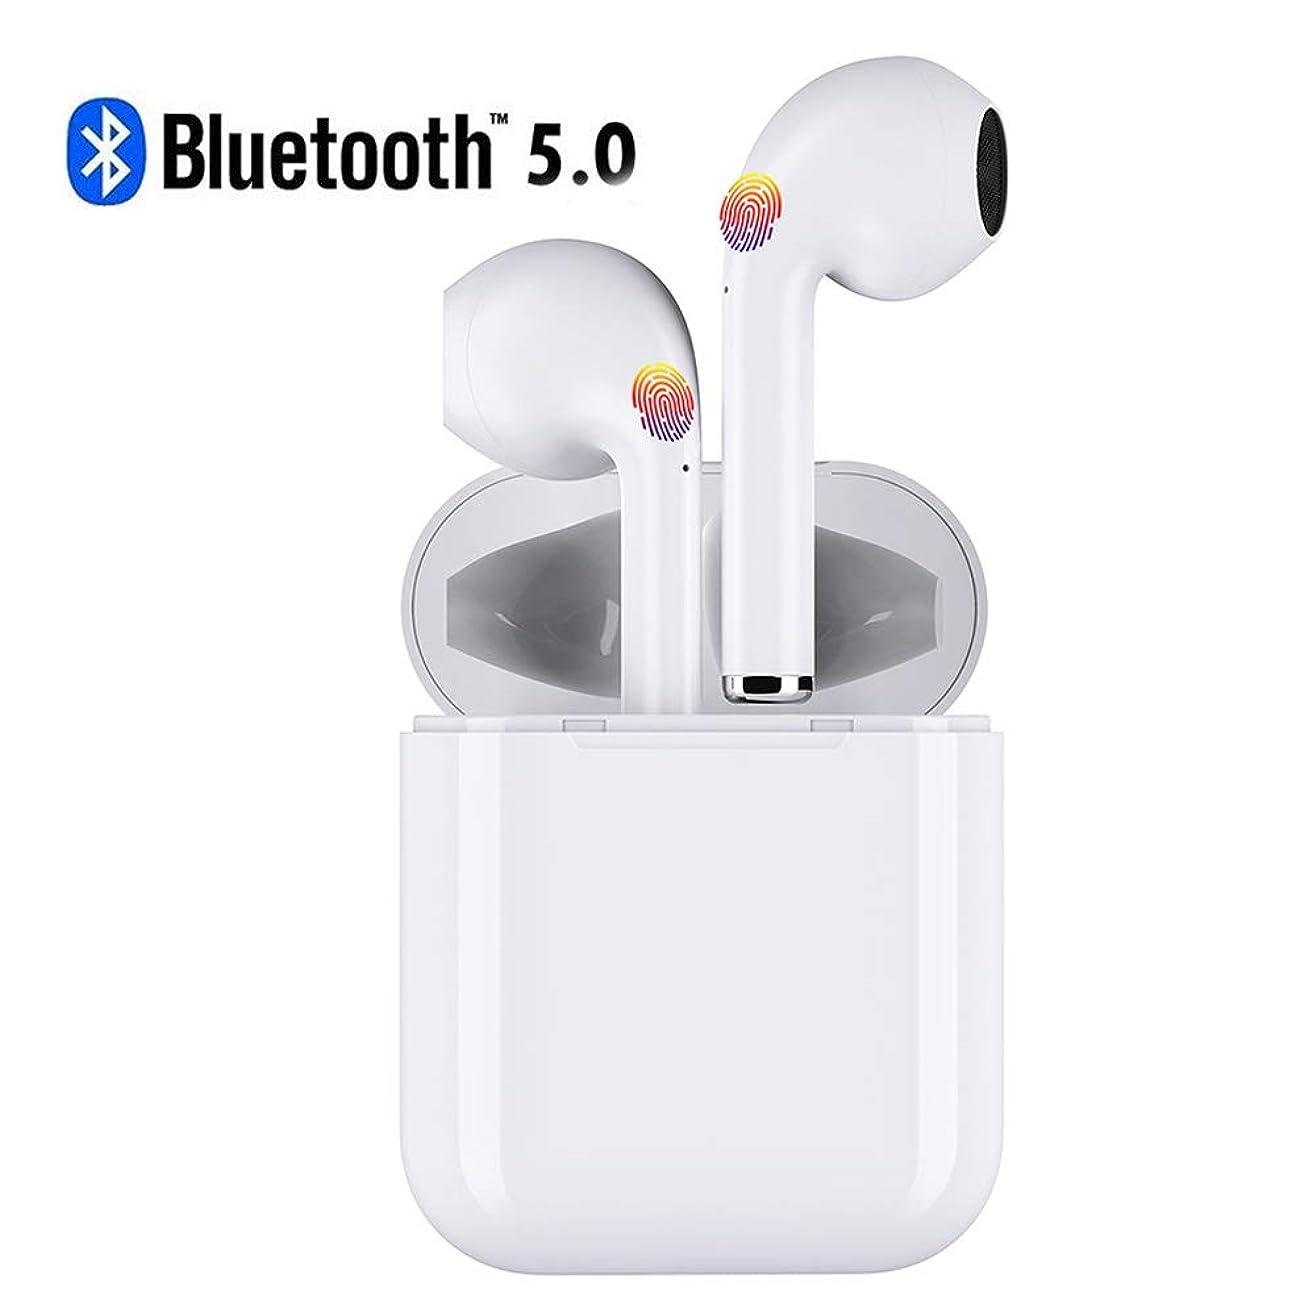 引き付ける閲覧する通り抜ける【2019最新版 Bluetooth 5.0 タッチ式】 Bluetooth イヤホン IPX5防水 ワイヤレスイヤホン 両耳通話 Hi-Fi 高音質 ノイズキャンセリング 左右分離型 ブルートゥース イヤホン 落下防止 充電式収納ケース付き マイク内蔵 自動ペアリング Siri対応 iPhone/iPad/Android適用